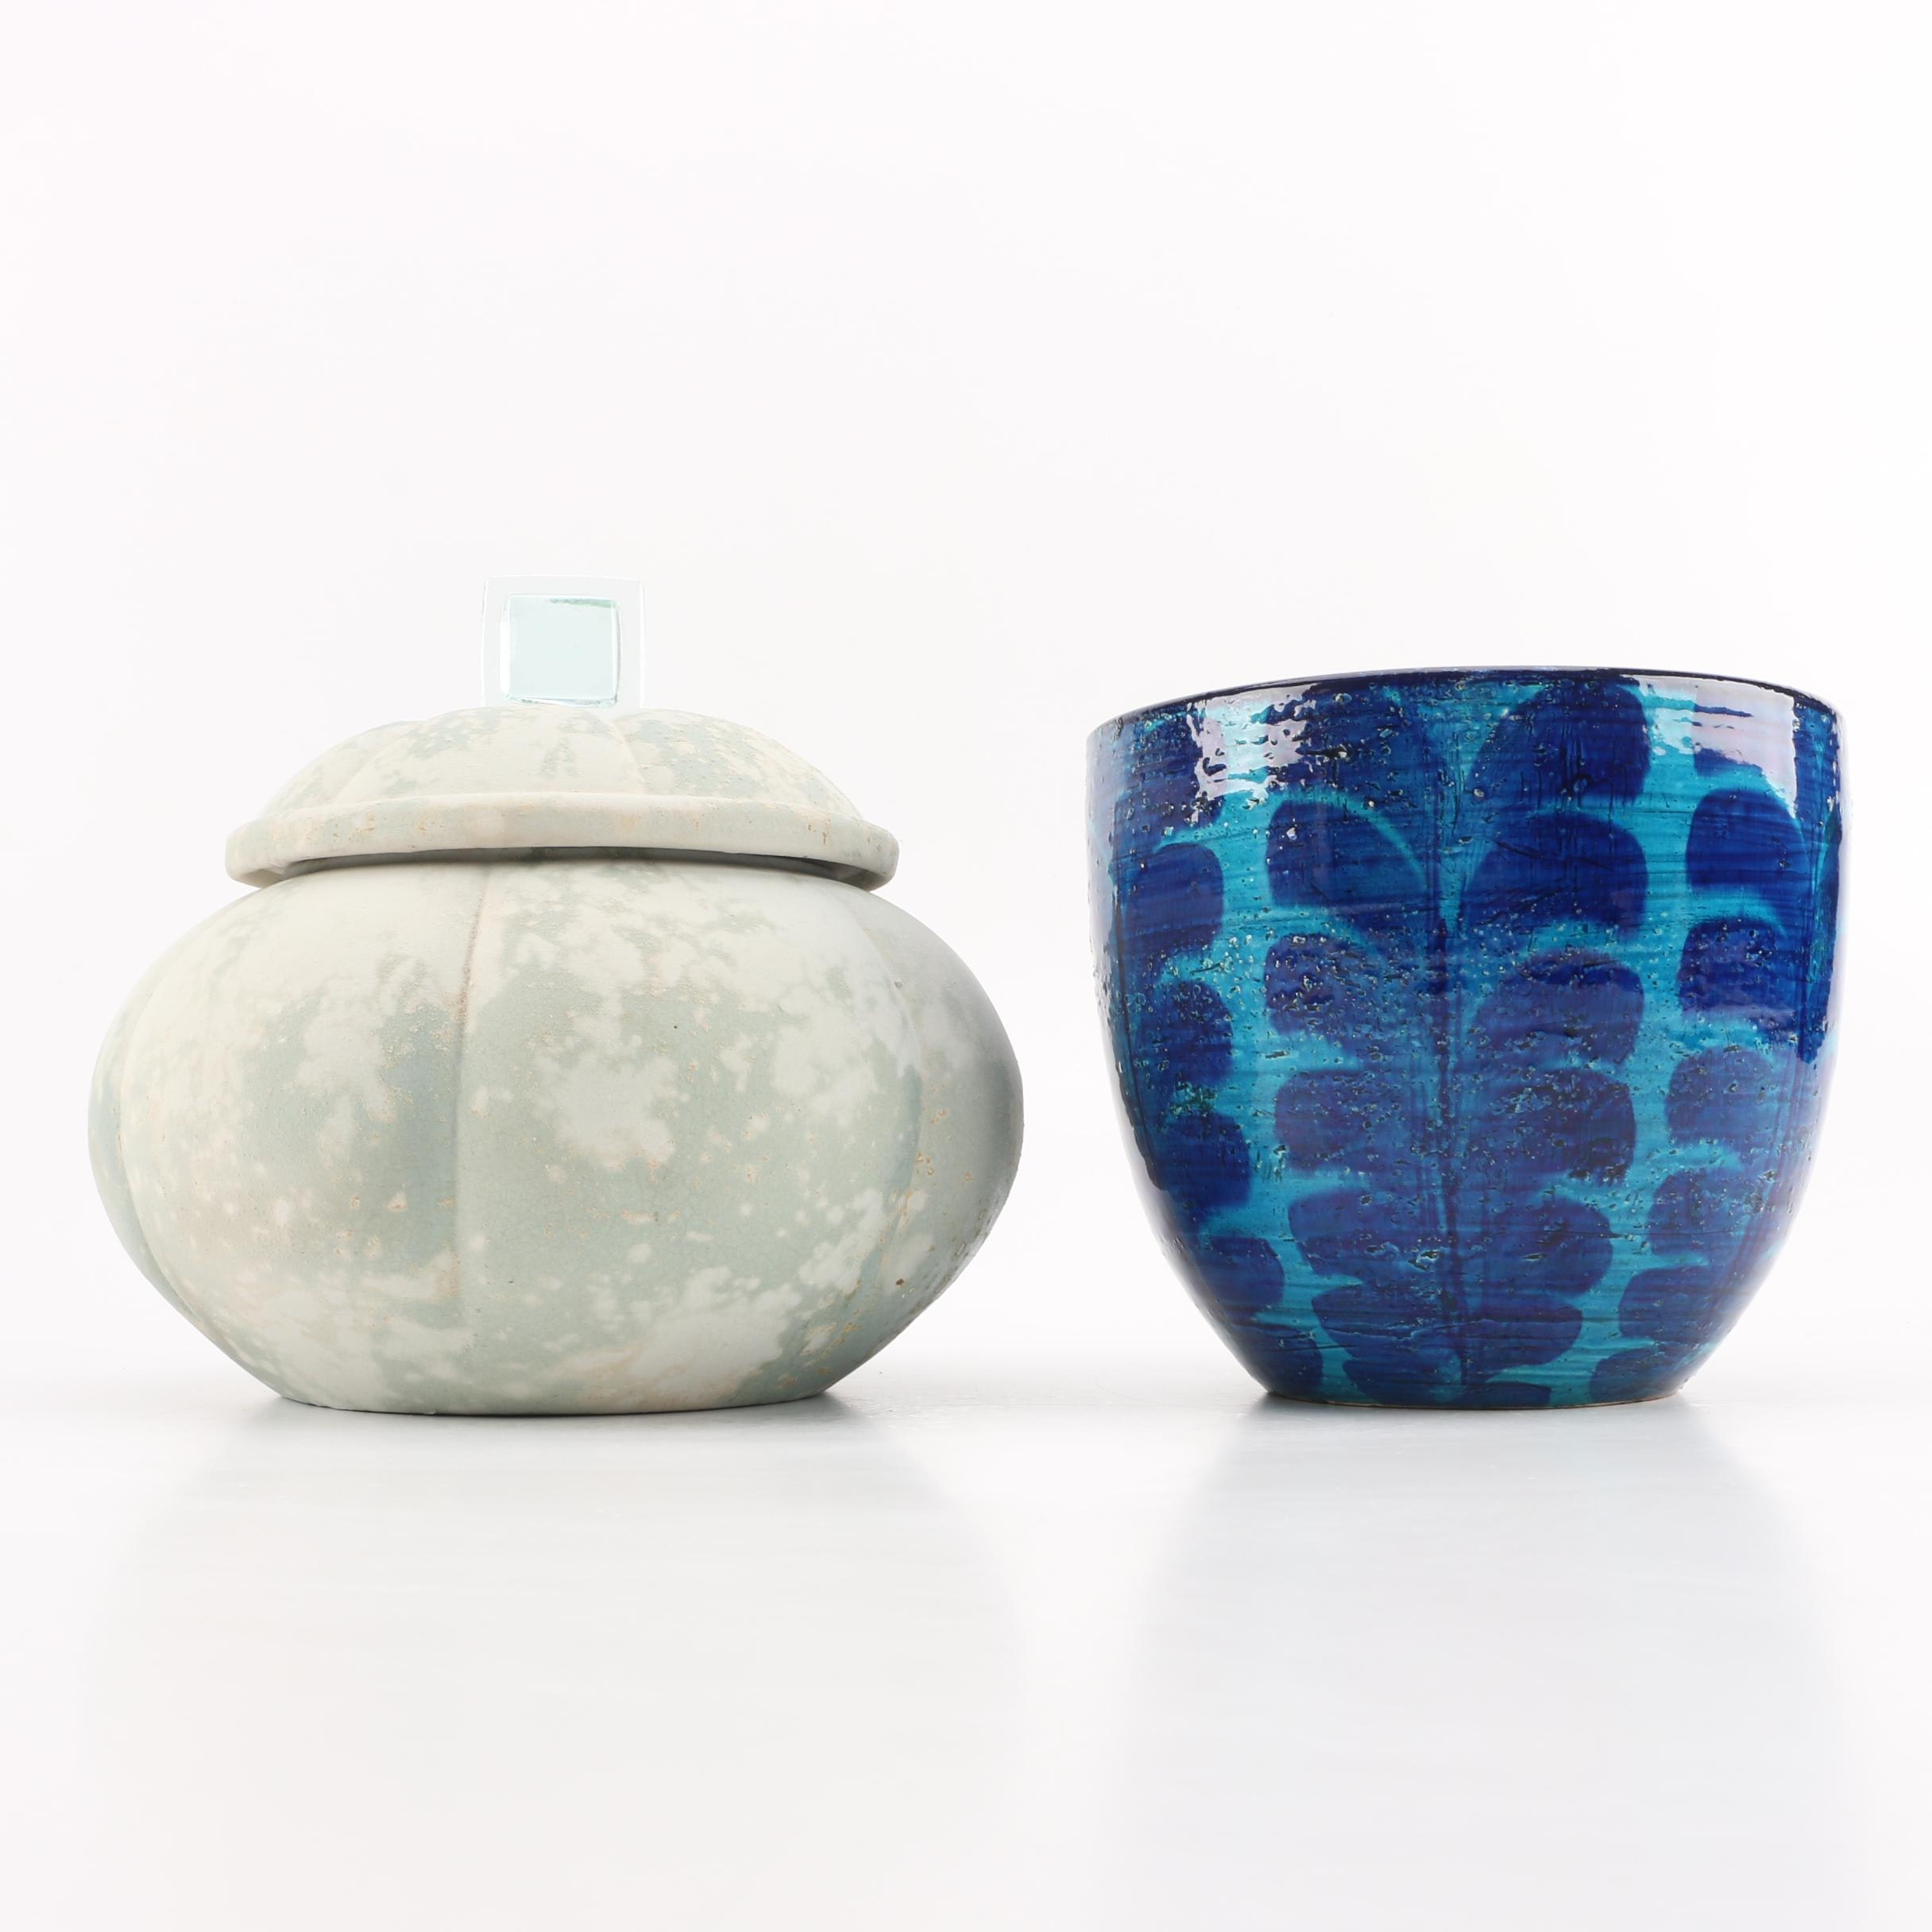 Vintage Bitossi Vase and Raku Fired Gourd Vessel